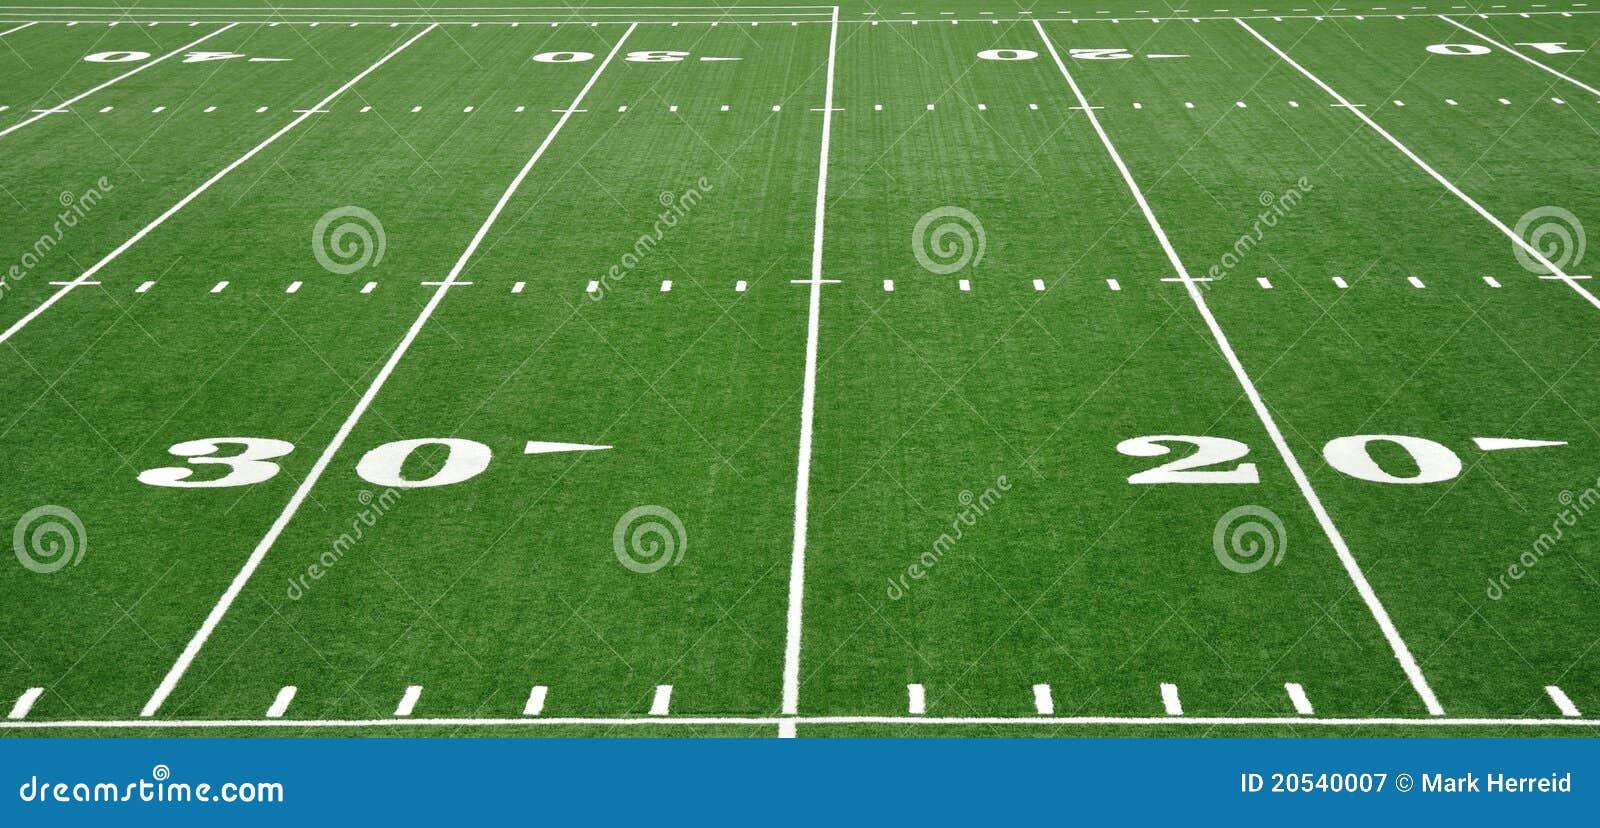 Ligne du yard 20 et 30 sur la zone de football américain